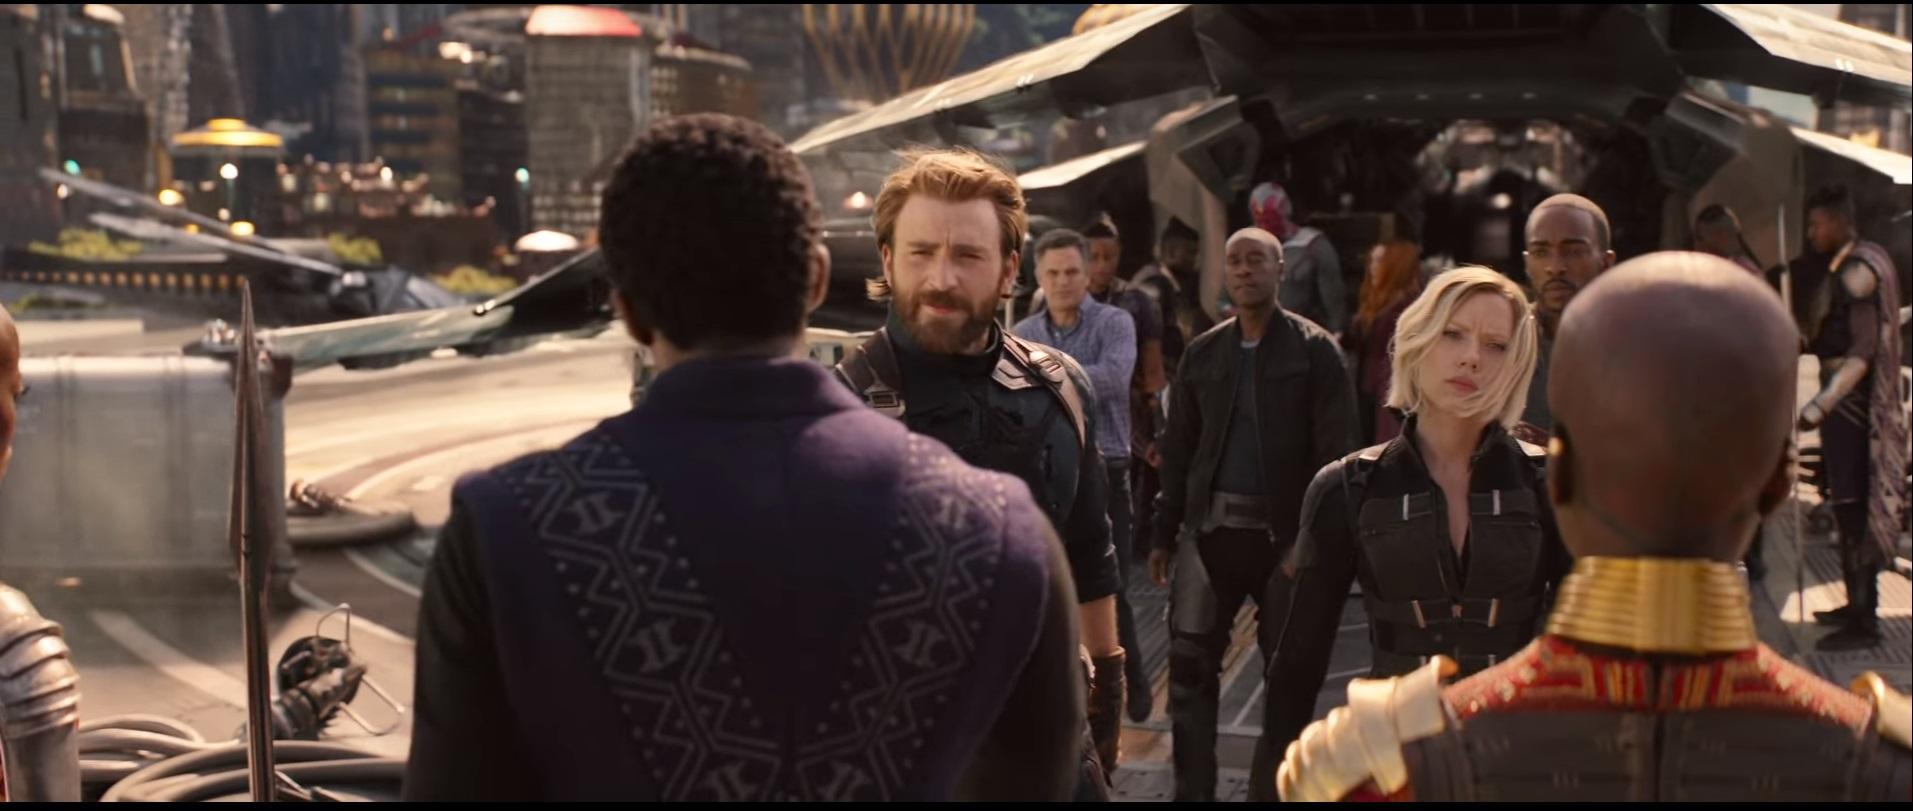 הסרט מצליח לתזז לרוב בהצלחה בין 30 גיבורים של מארוול